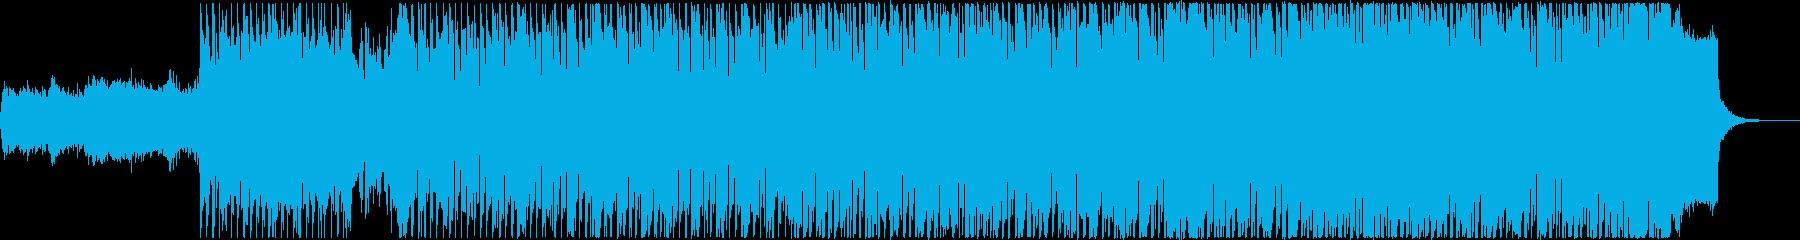 希望的で平和的な雰囲気のテクノポップの再生済みの波形